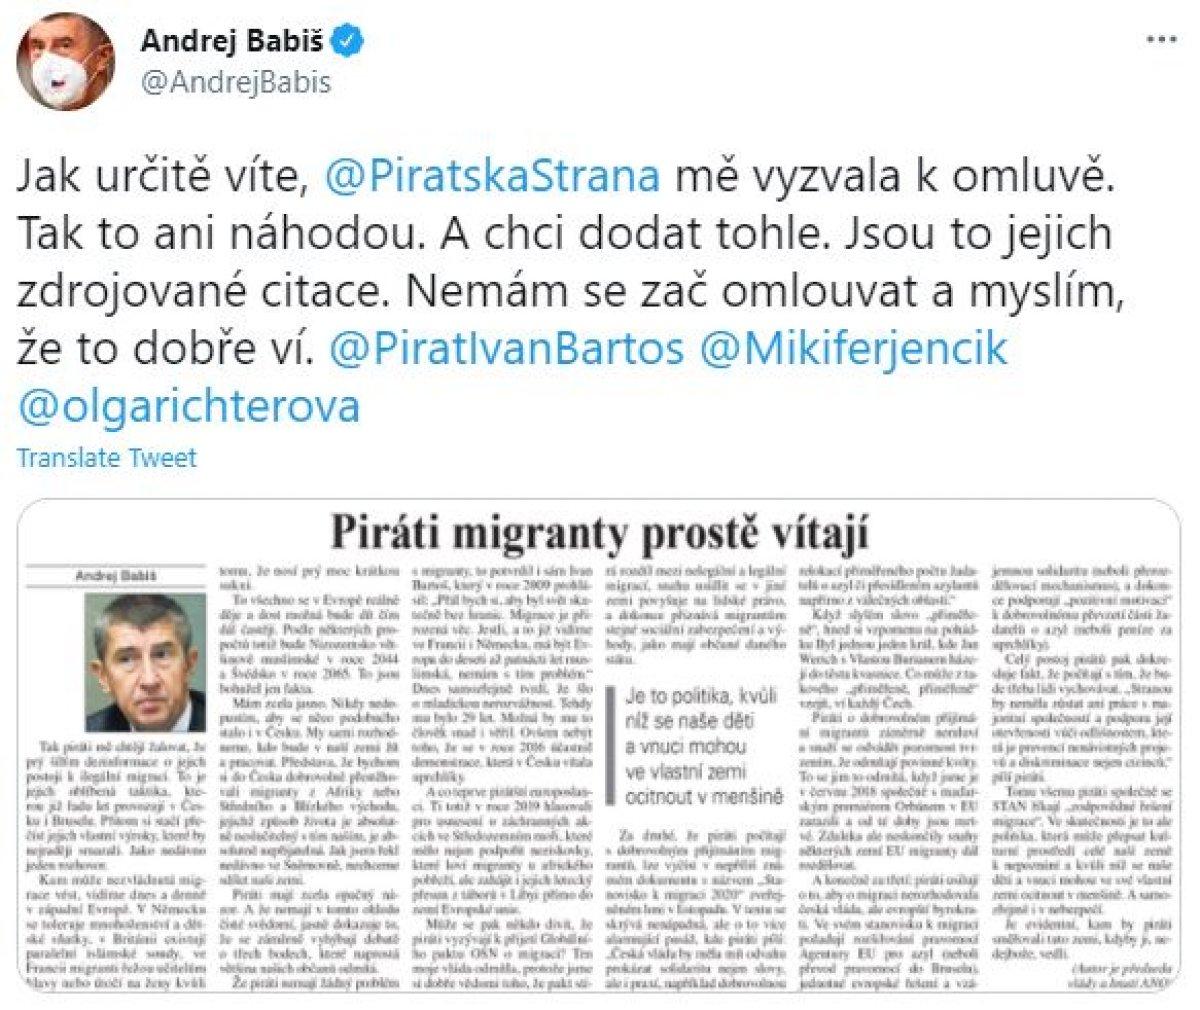 Andrej Babis: İsveç ve Hollanda nın çoğunluğu Müslümanlardan oluşacak #2